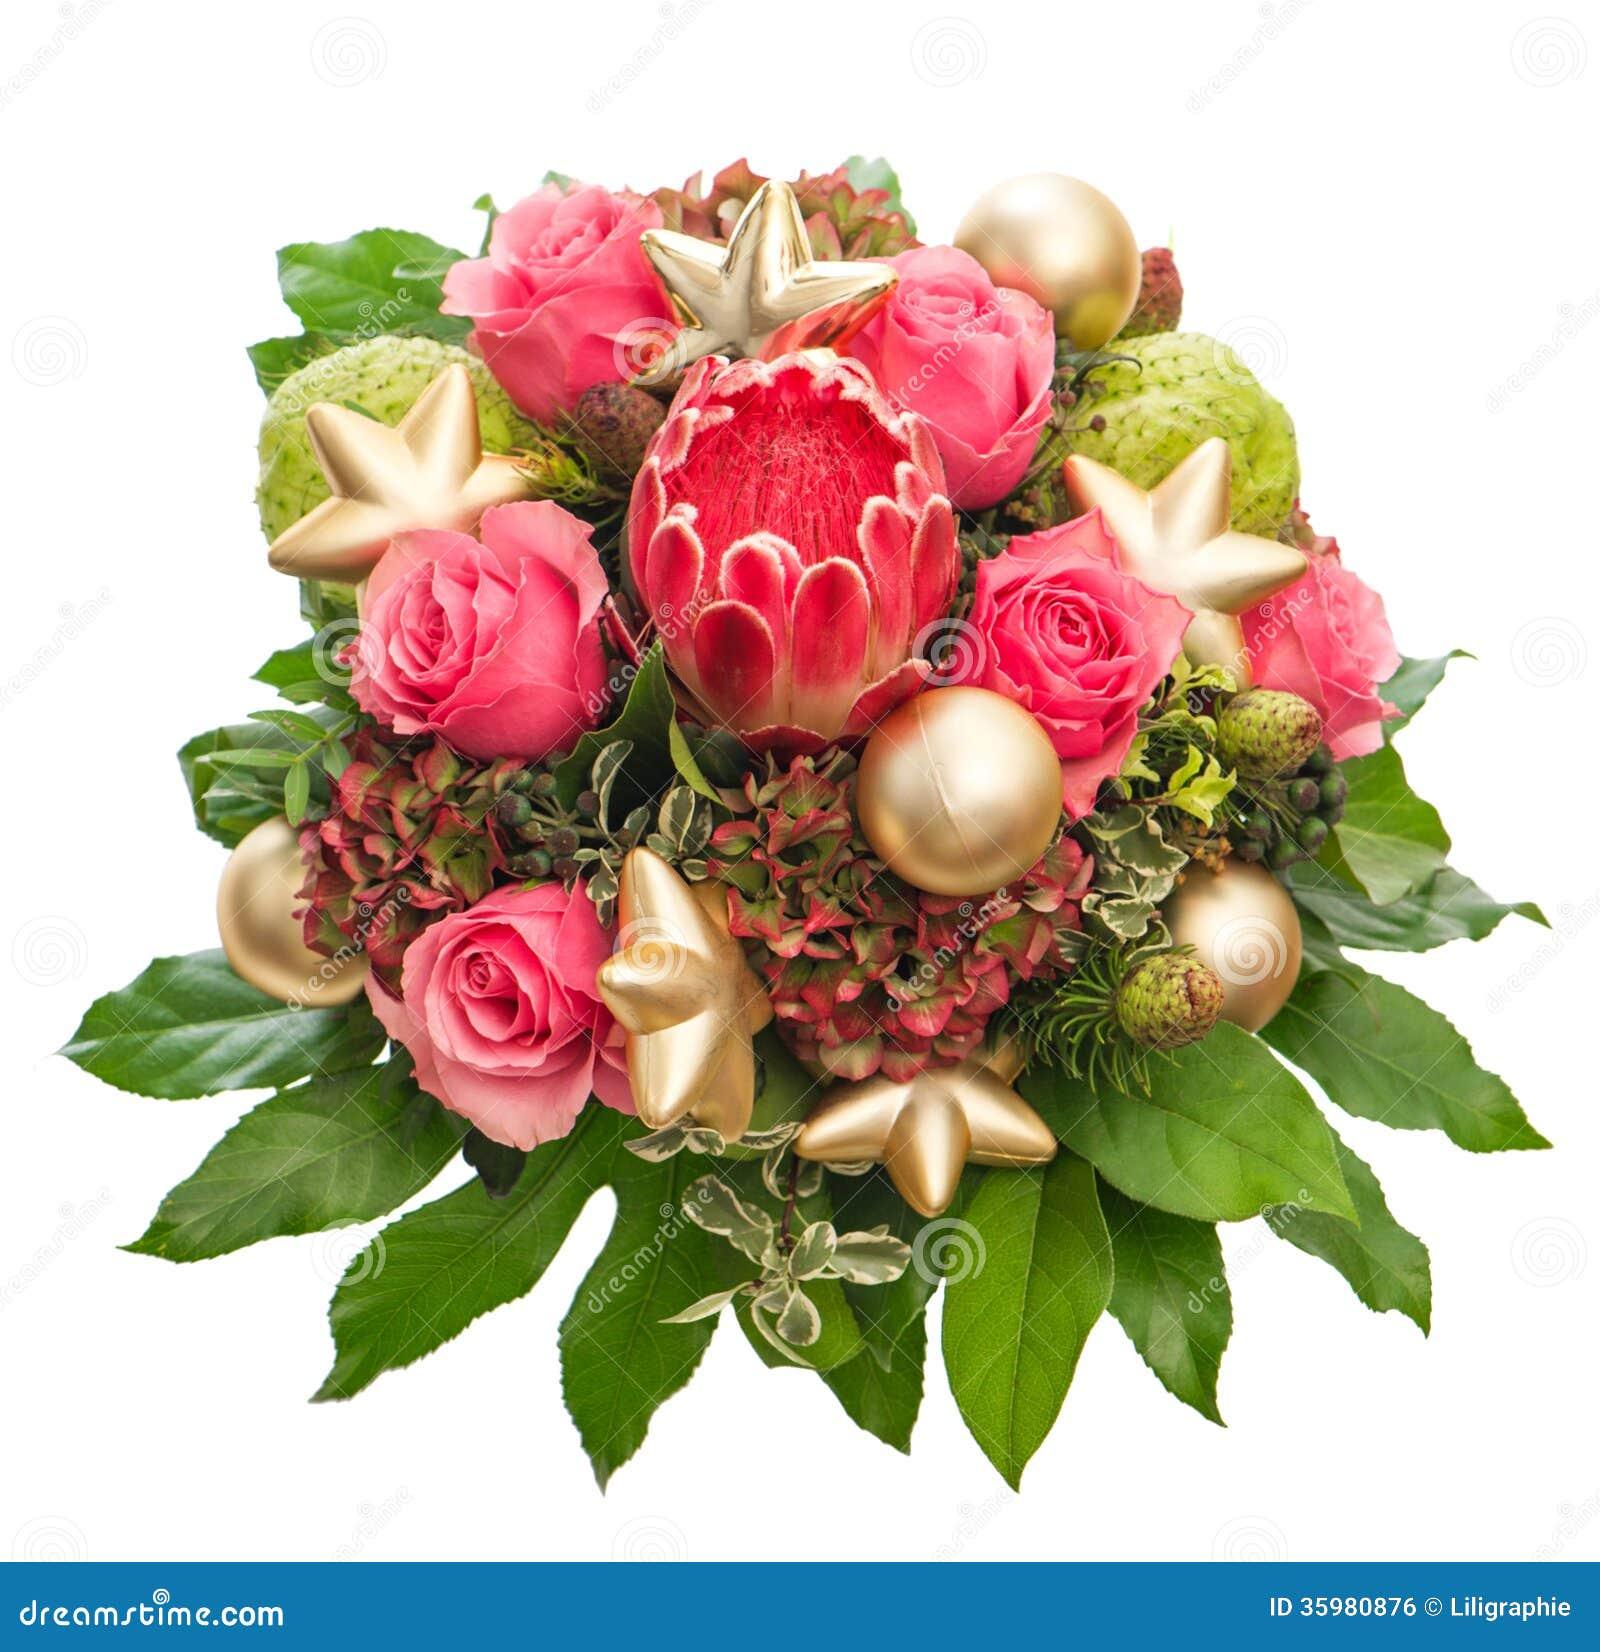 Exotic Flowers Bouquet - comousar